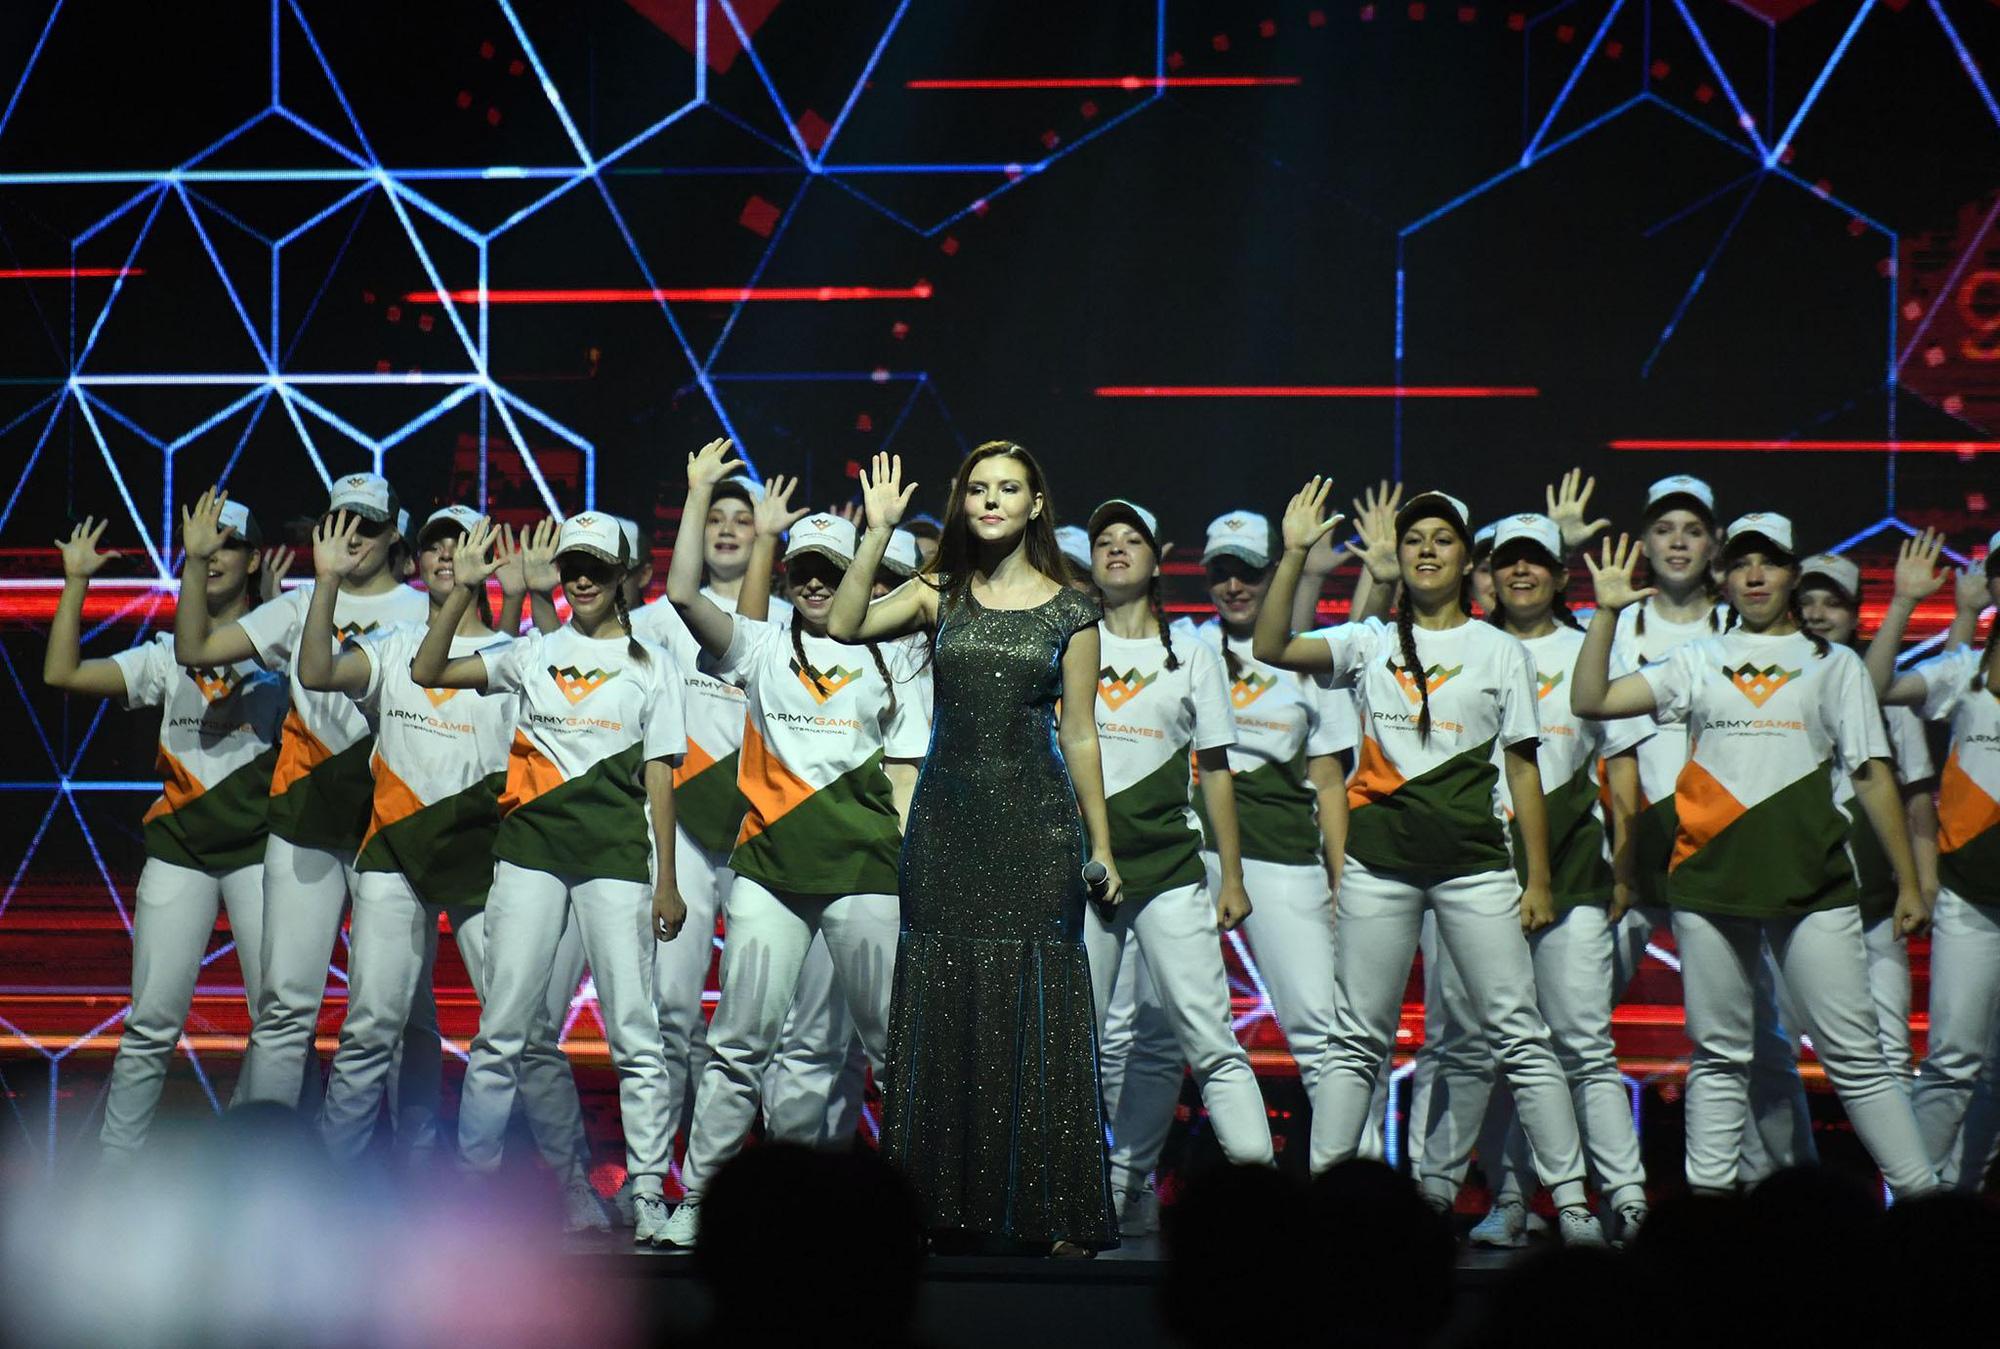 Những hình ảnh ấn tượng, pháo hoa rực rỡ tại lễ bế mạc Army Games 2020 - Ảnh 5.